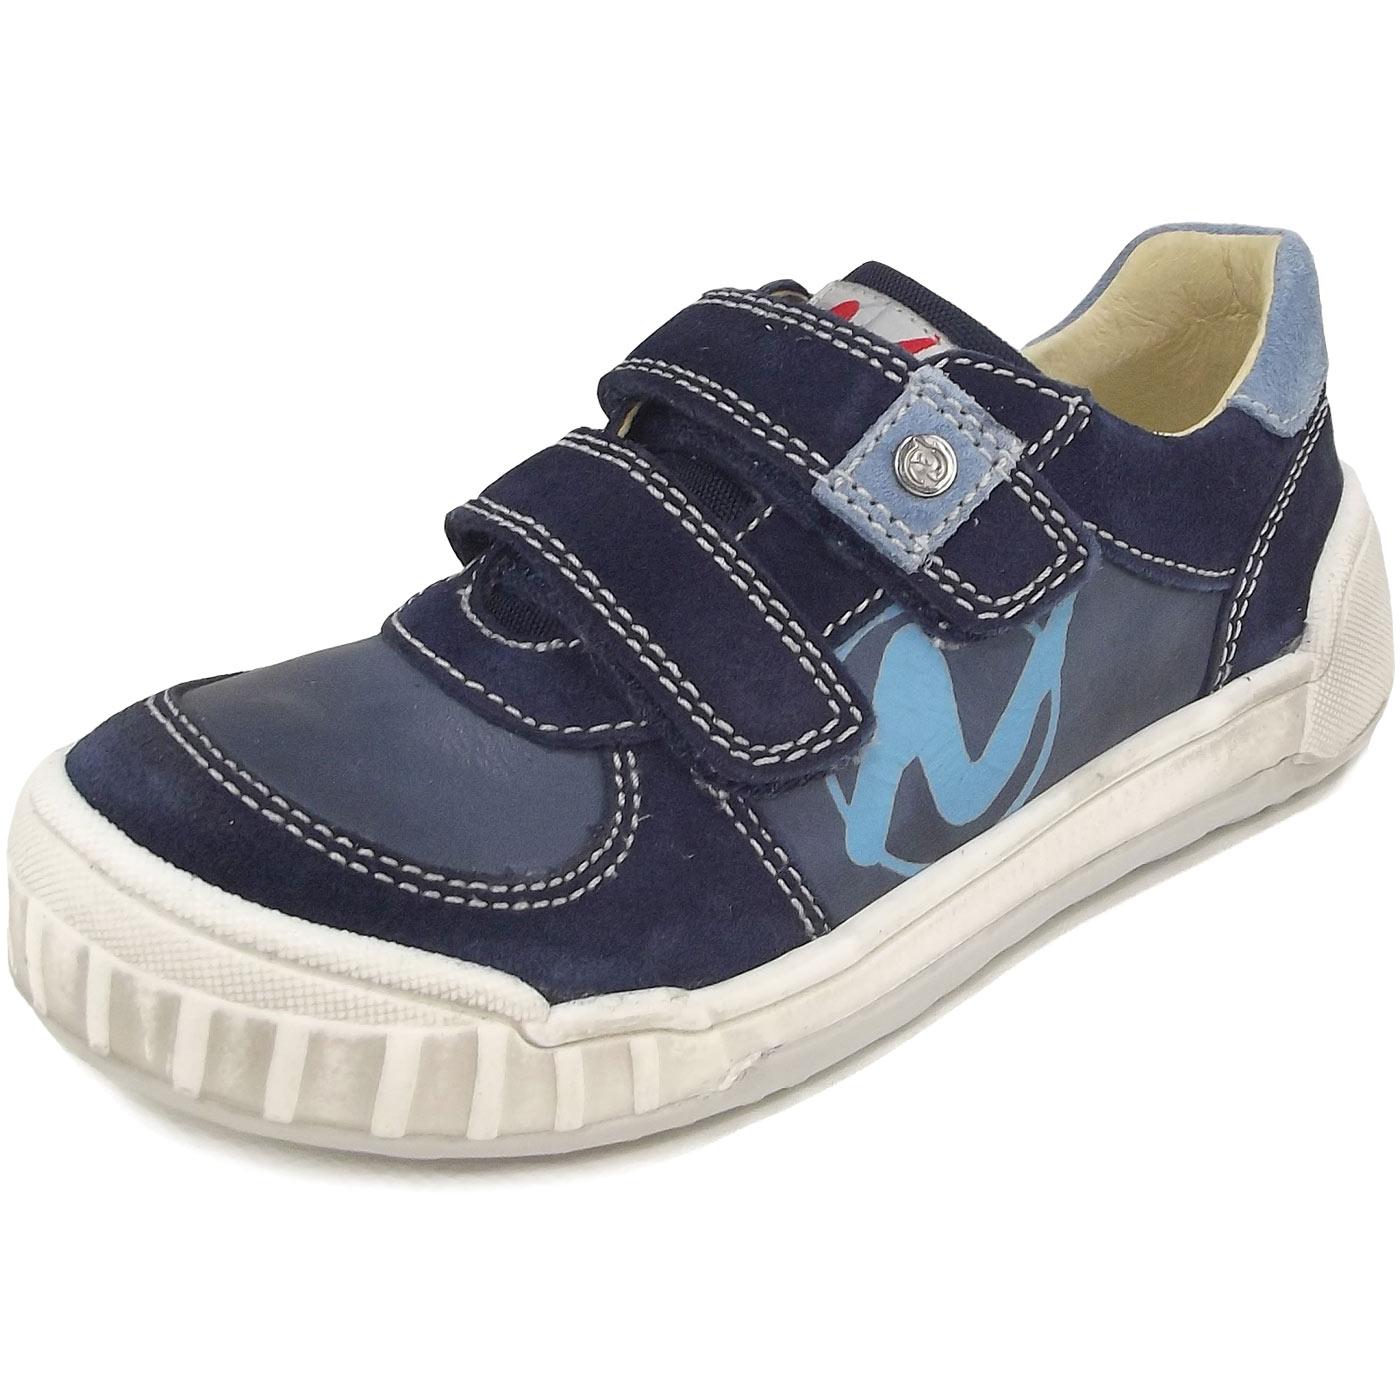 Falcotto Kids Shoes